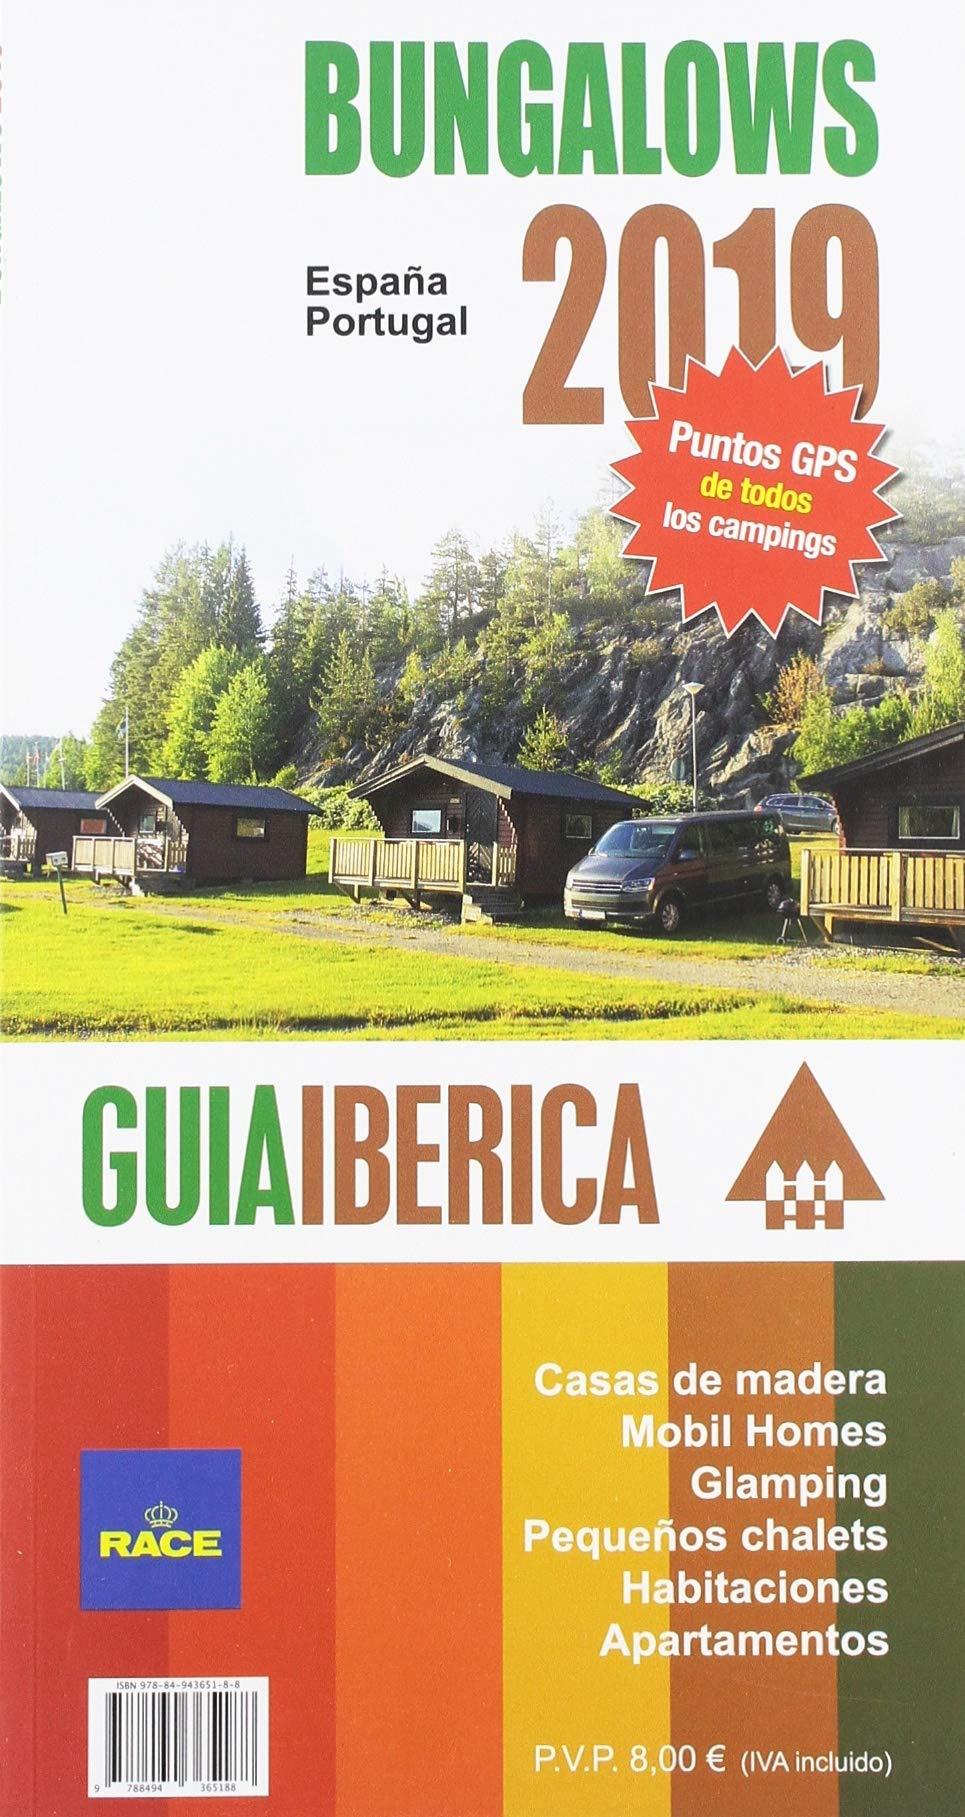 Guía Ibérica Bungalows 2019 (España - Portugal): Amazon.es: Ocitur, Ocitur: Libros